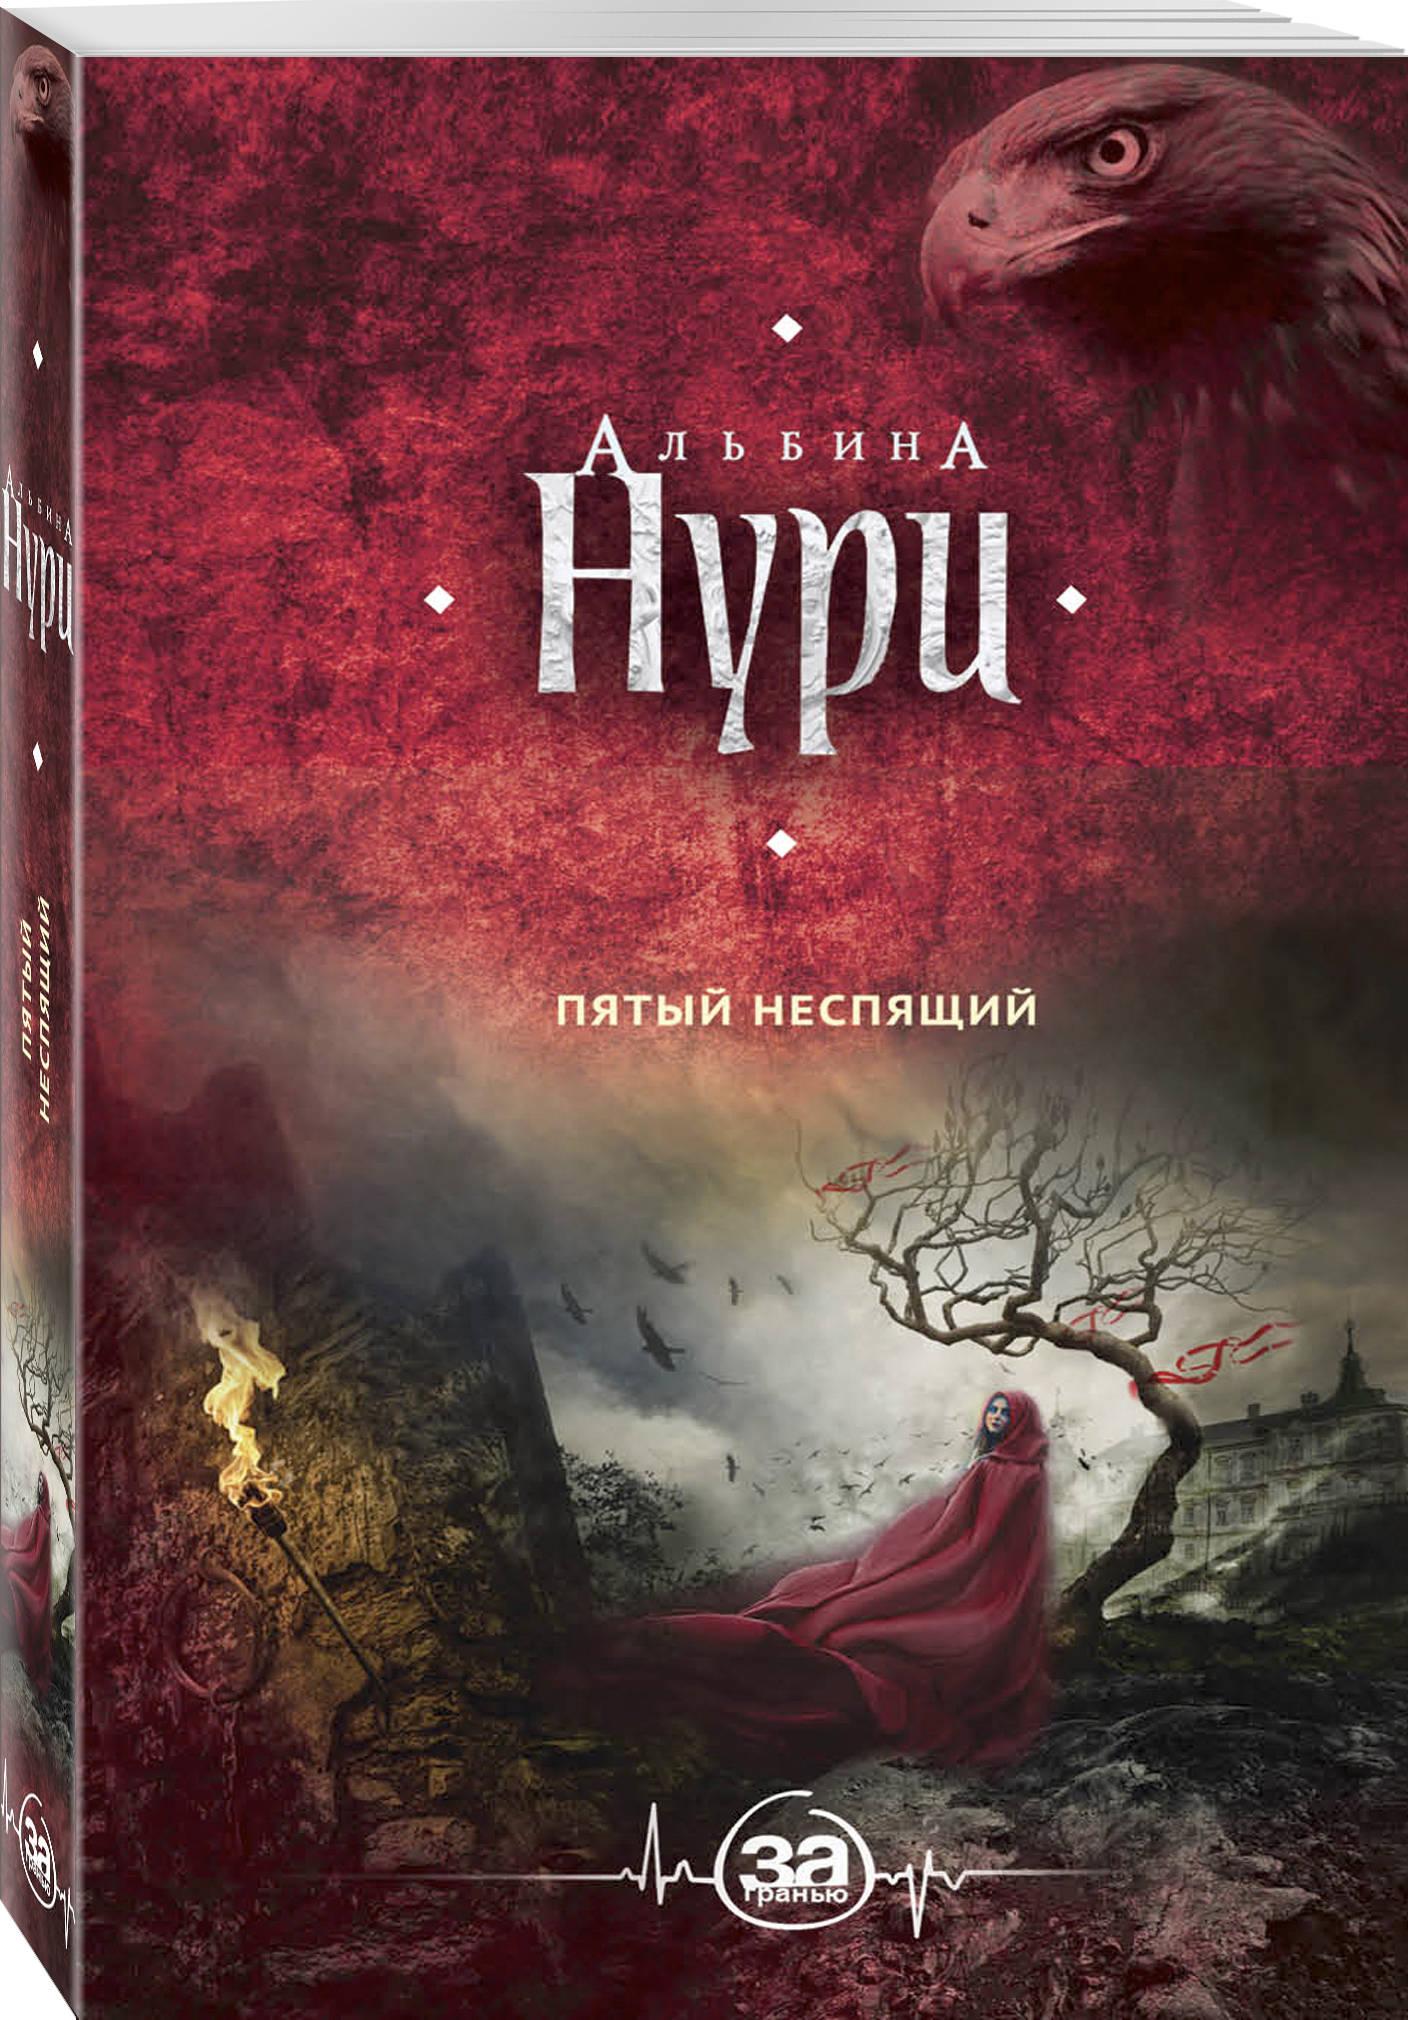 Нури А. Пятый неспящий ISBN: 978-5-04-094340-1